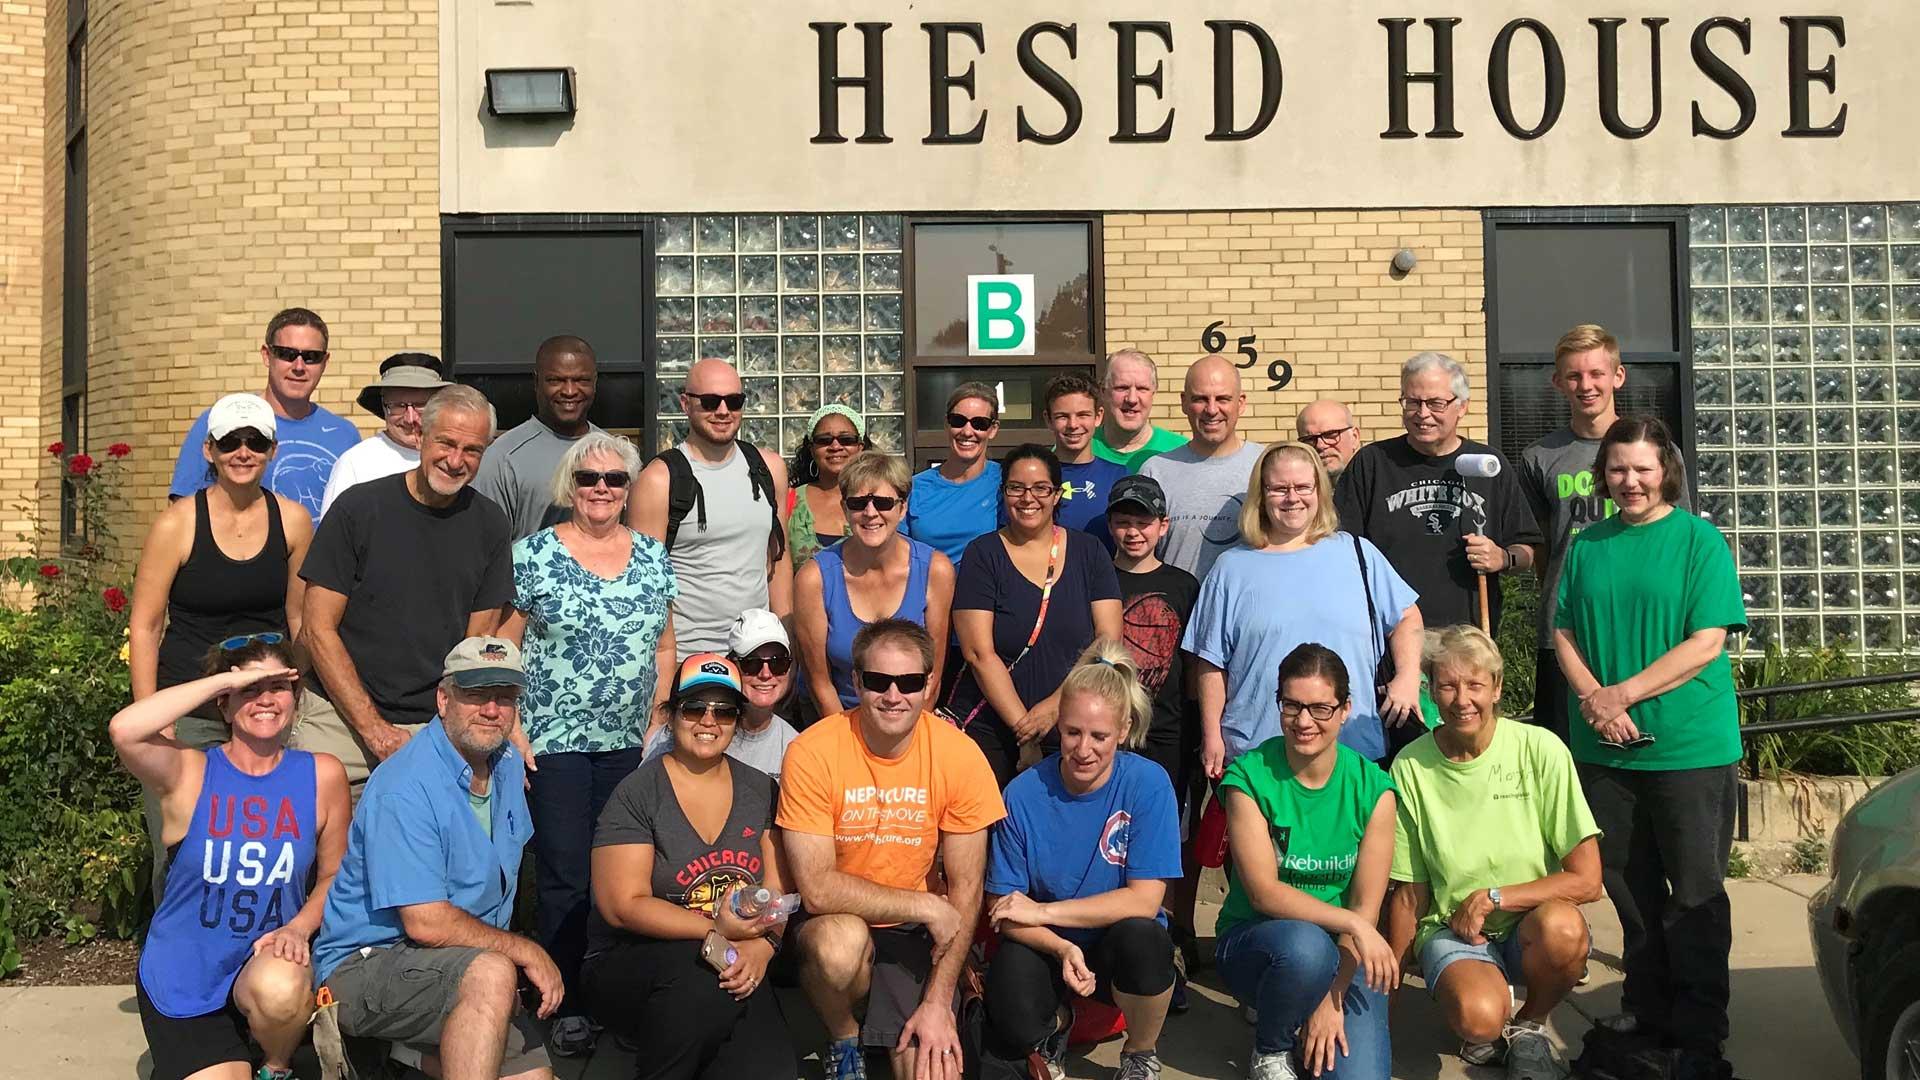 Hesed House Group Photo